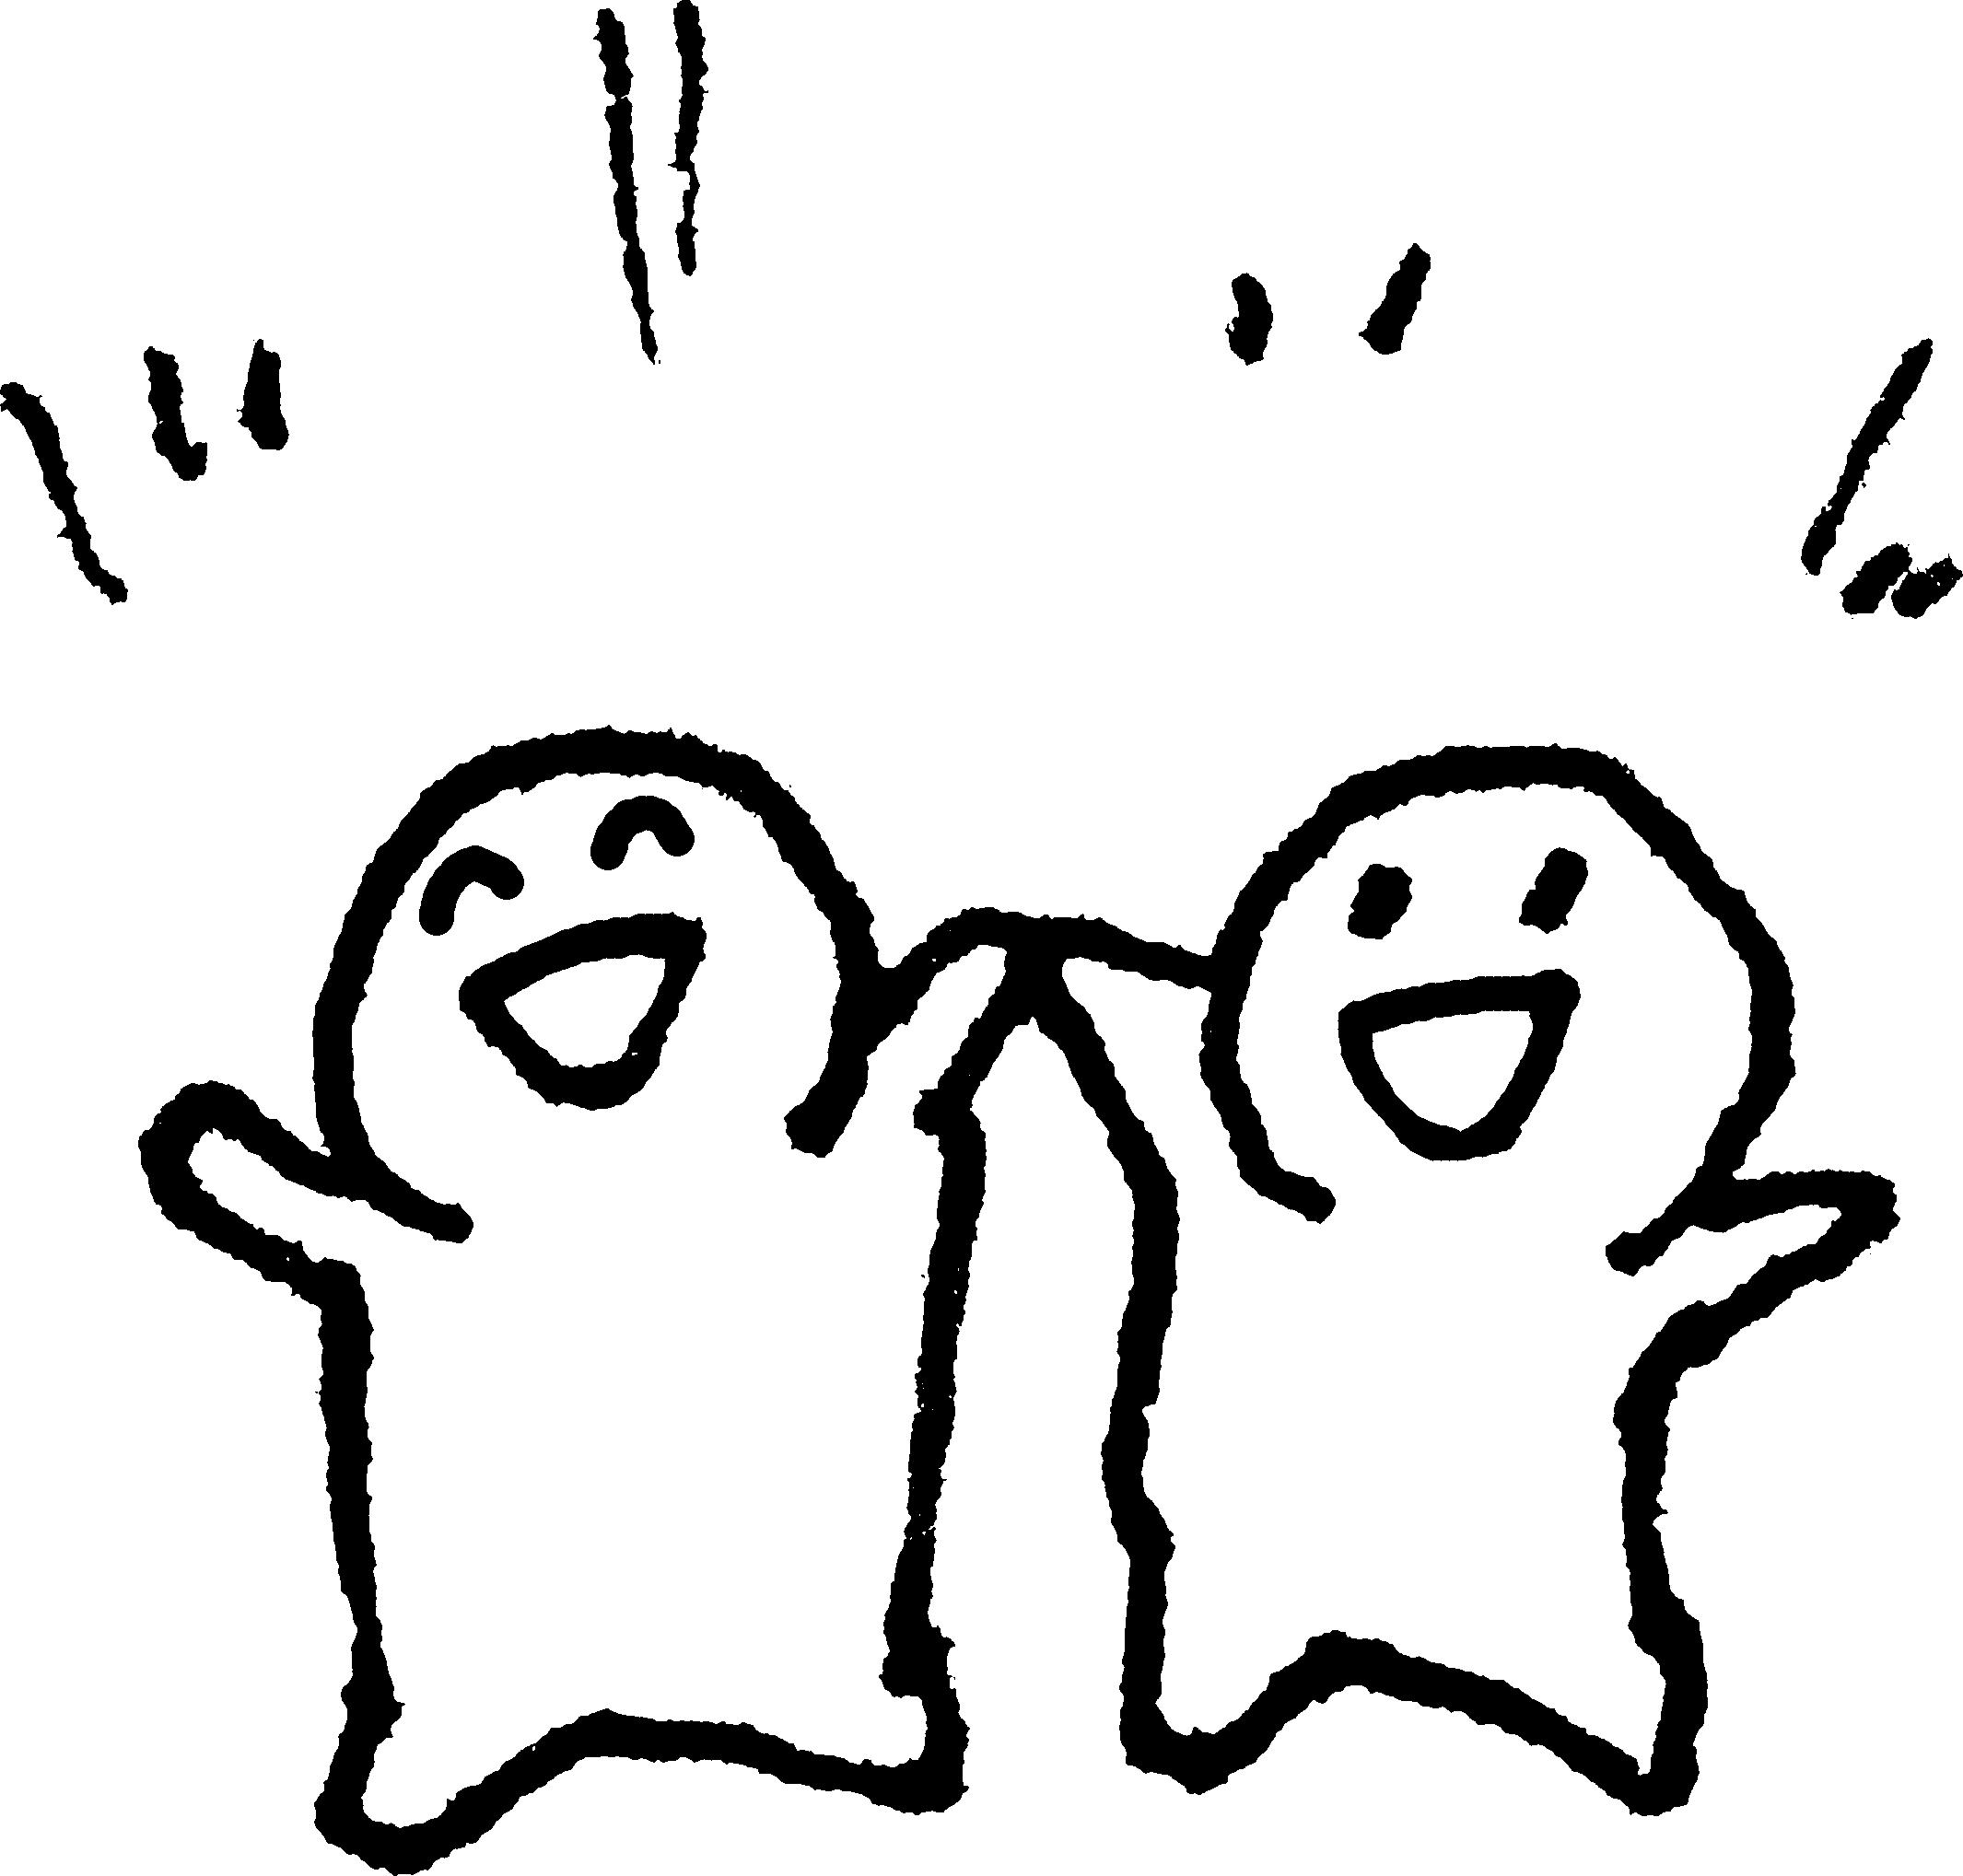 二人でバンザイのイラスト (Arms up) – 【てがきですのβ】かわいい ...